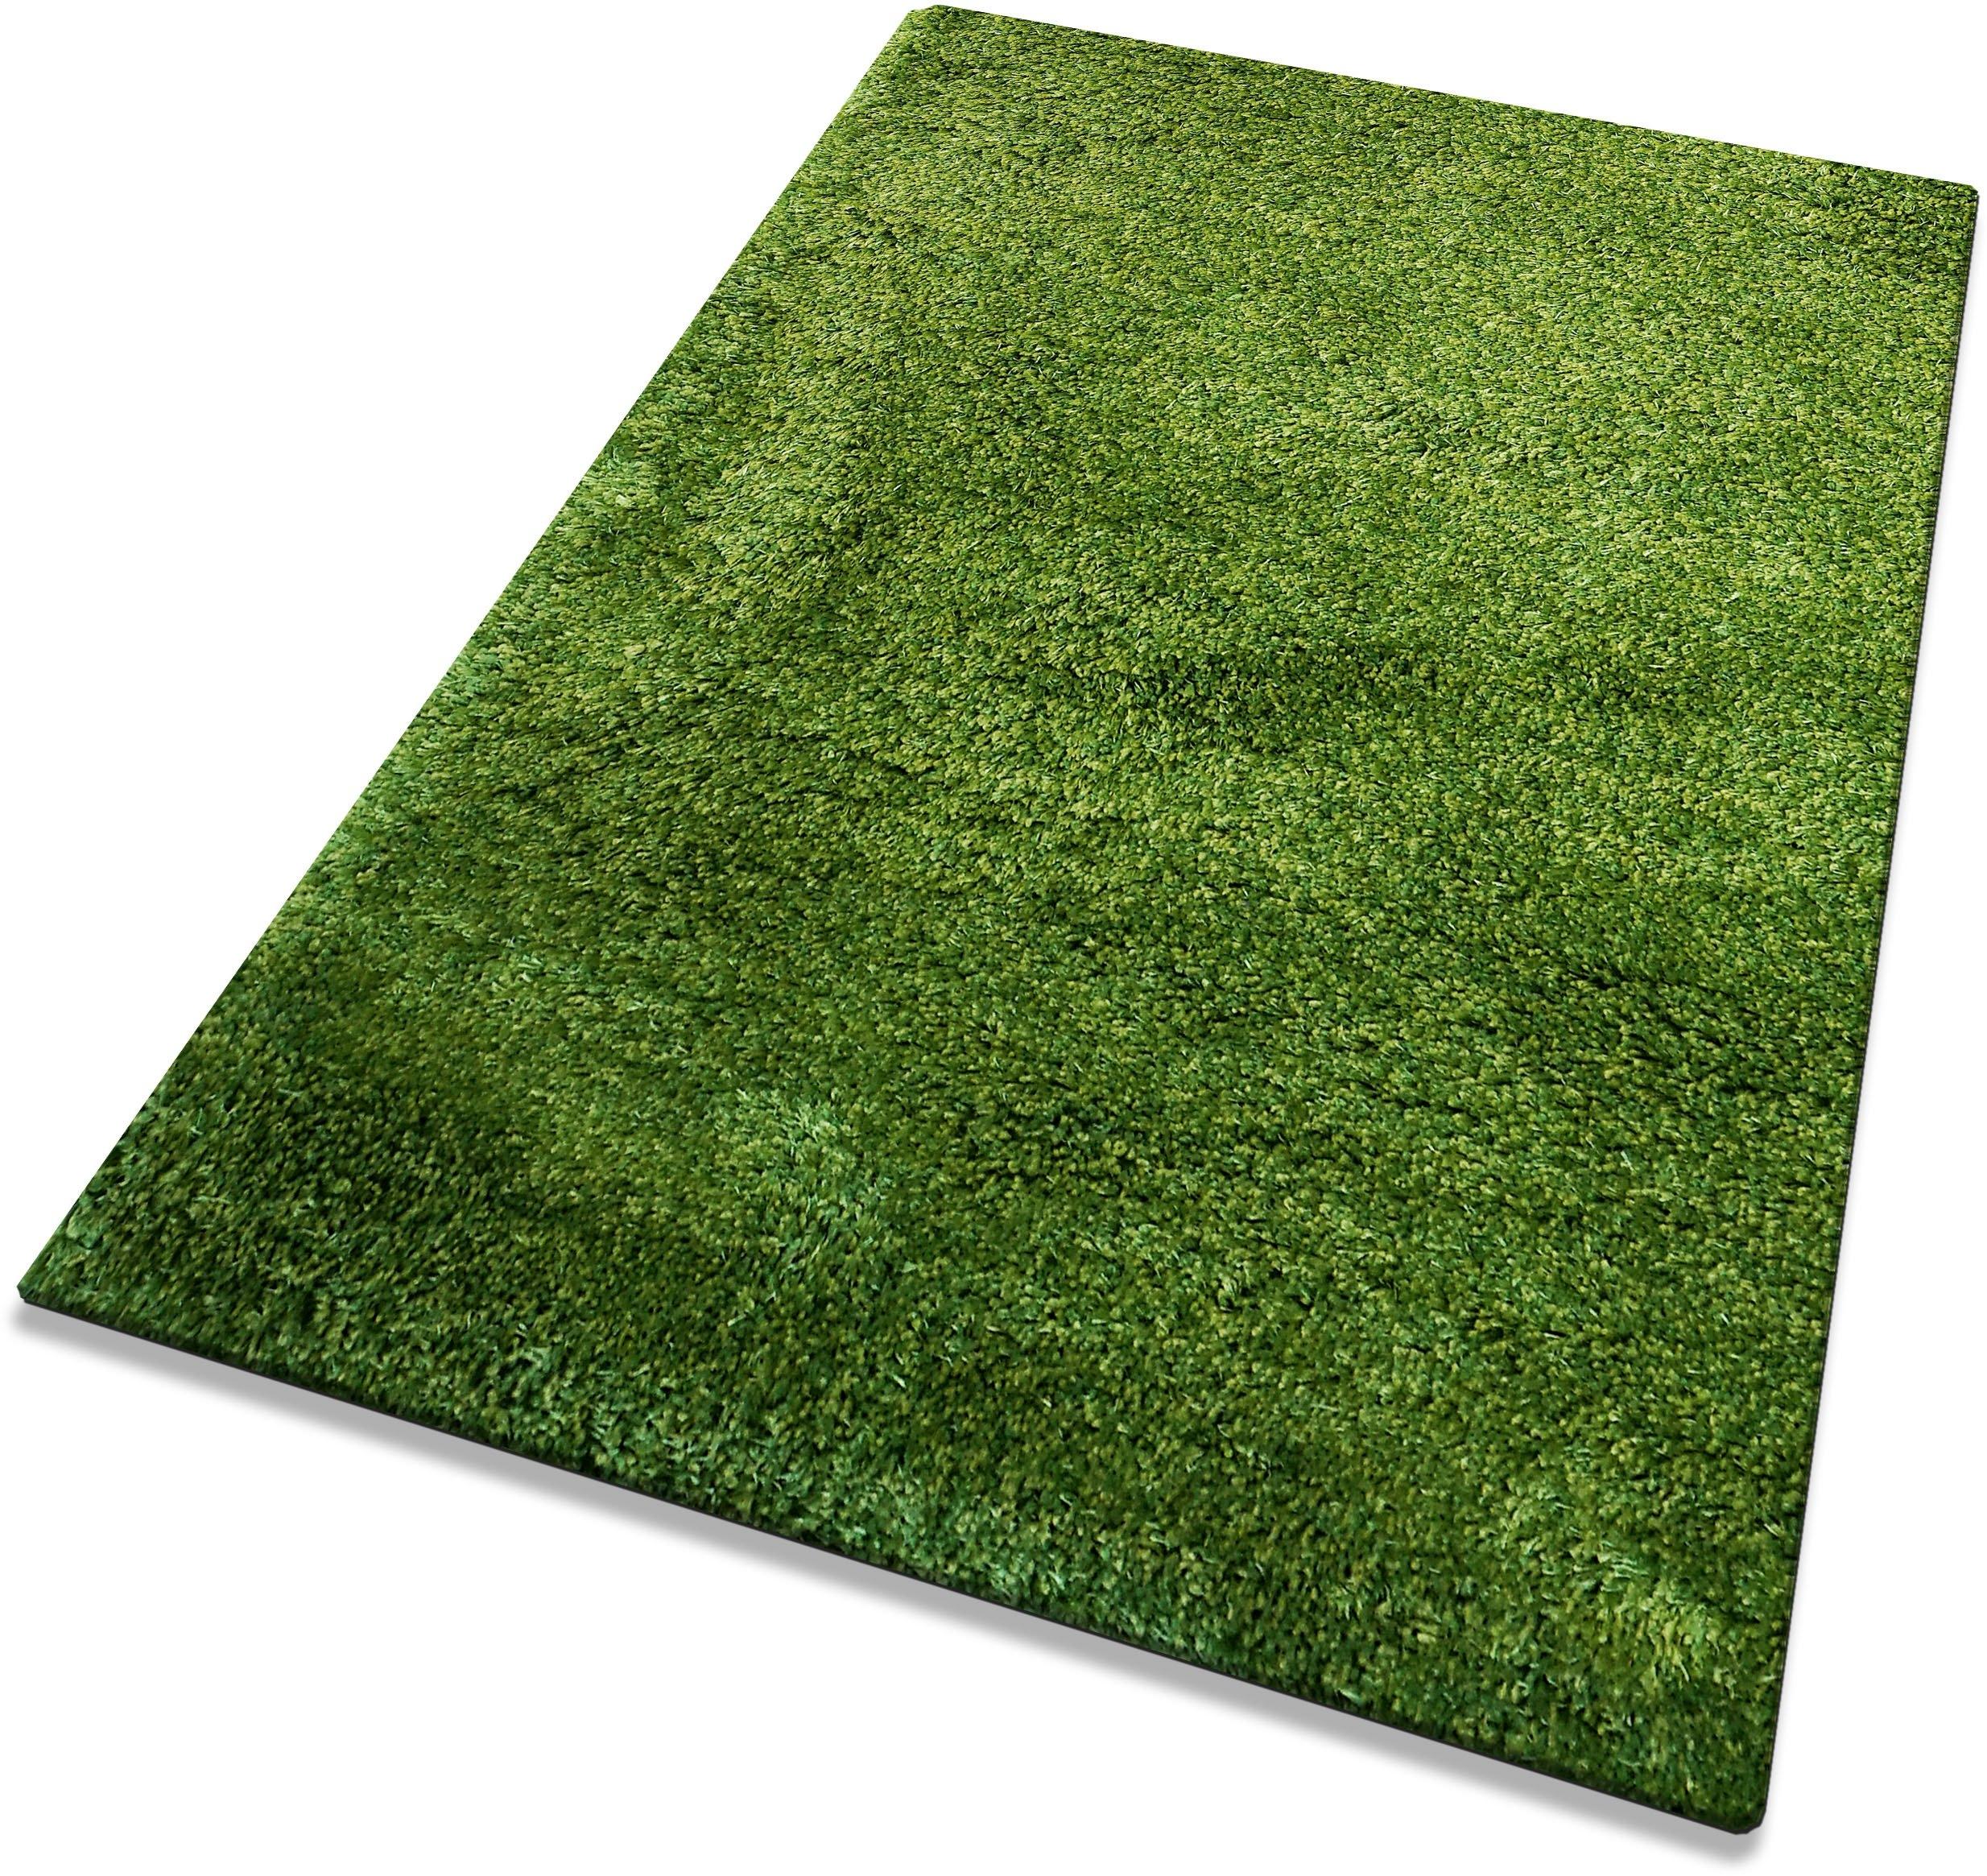 RESITAL The Voice of Carpet hoogpolig vloerkleed »Manhatten 201« nu online kopen bij OTTO